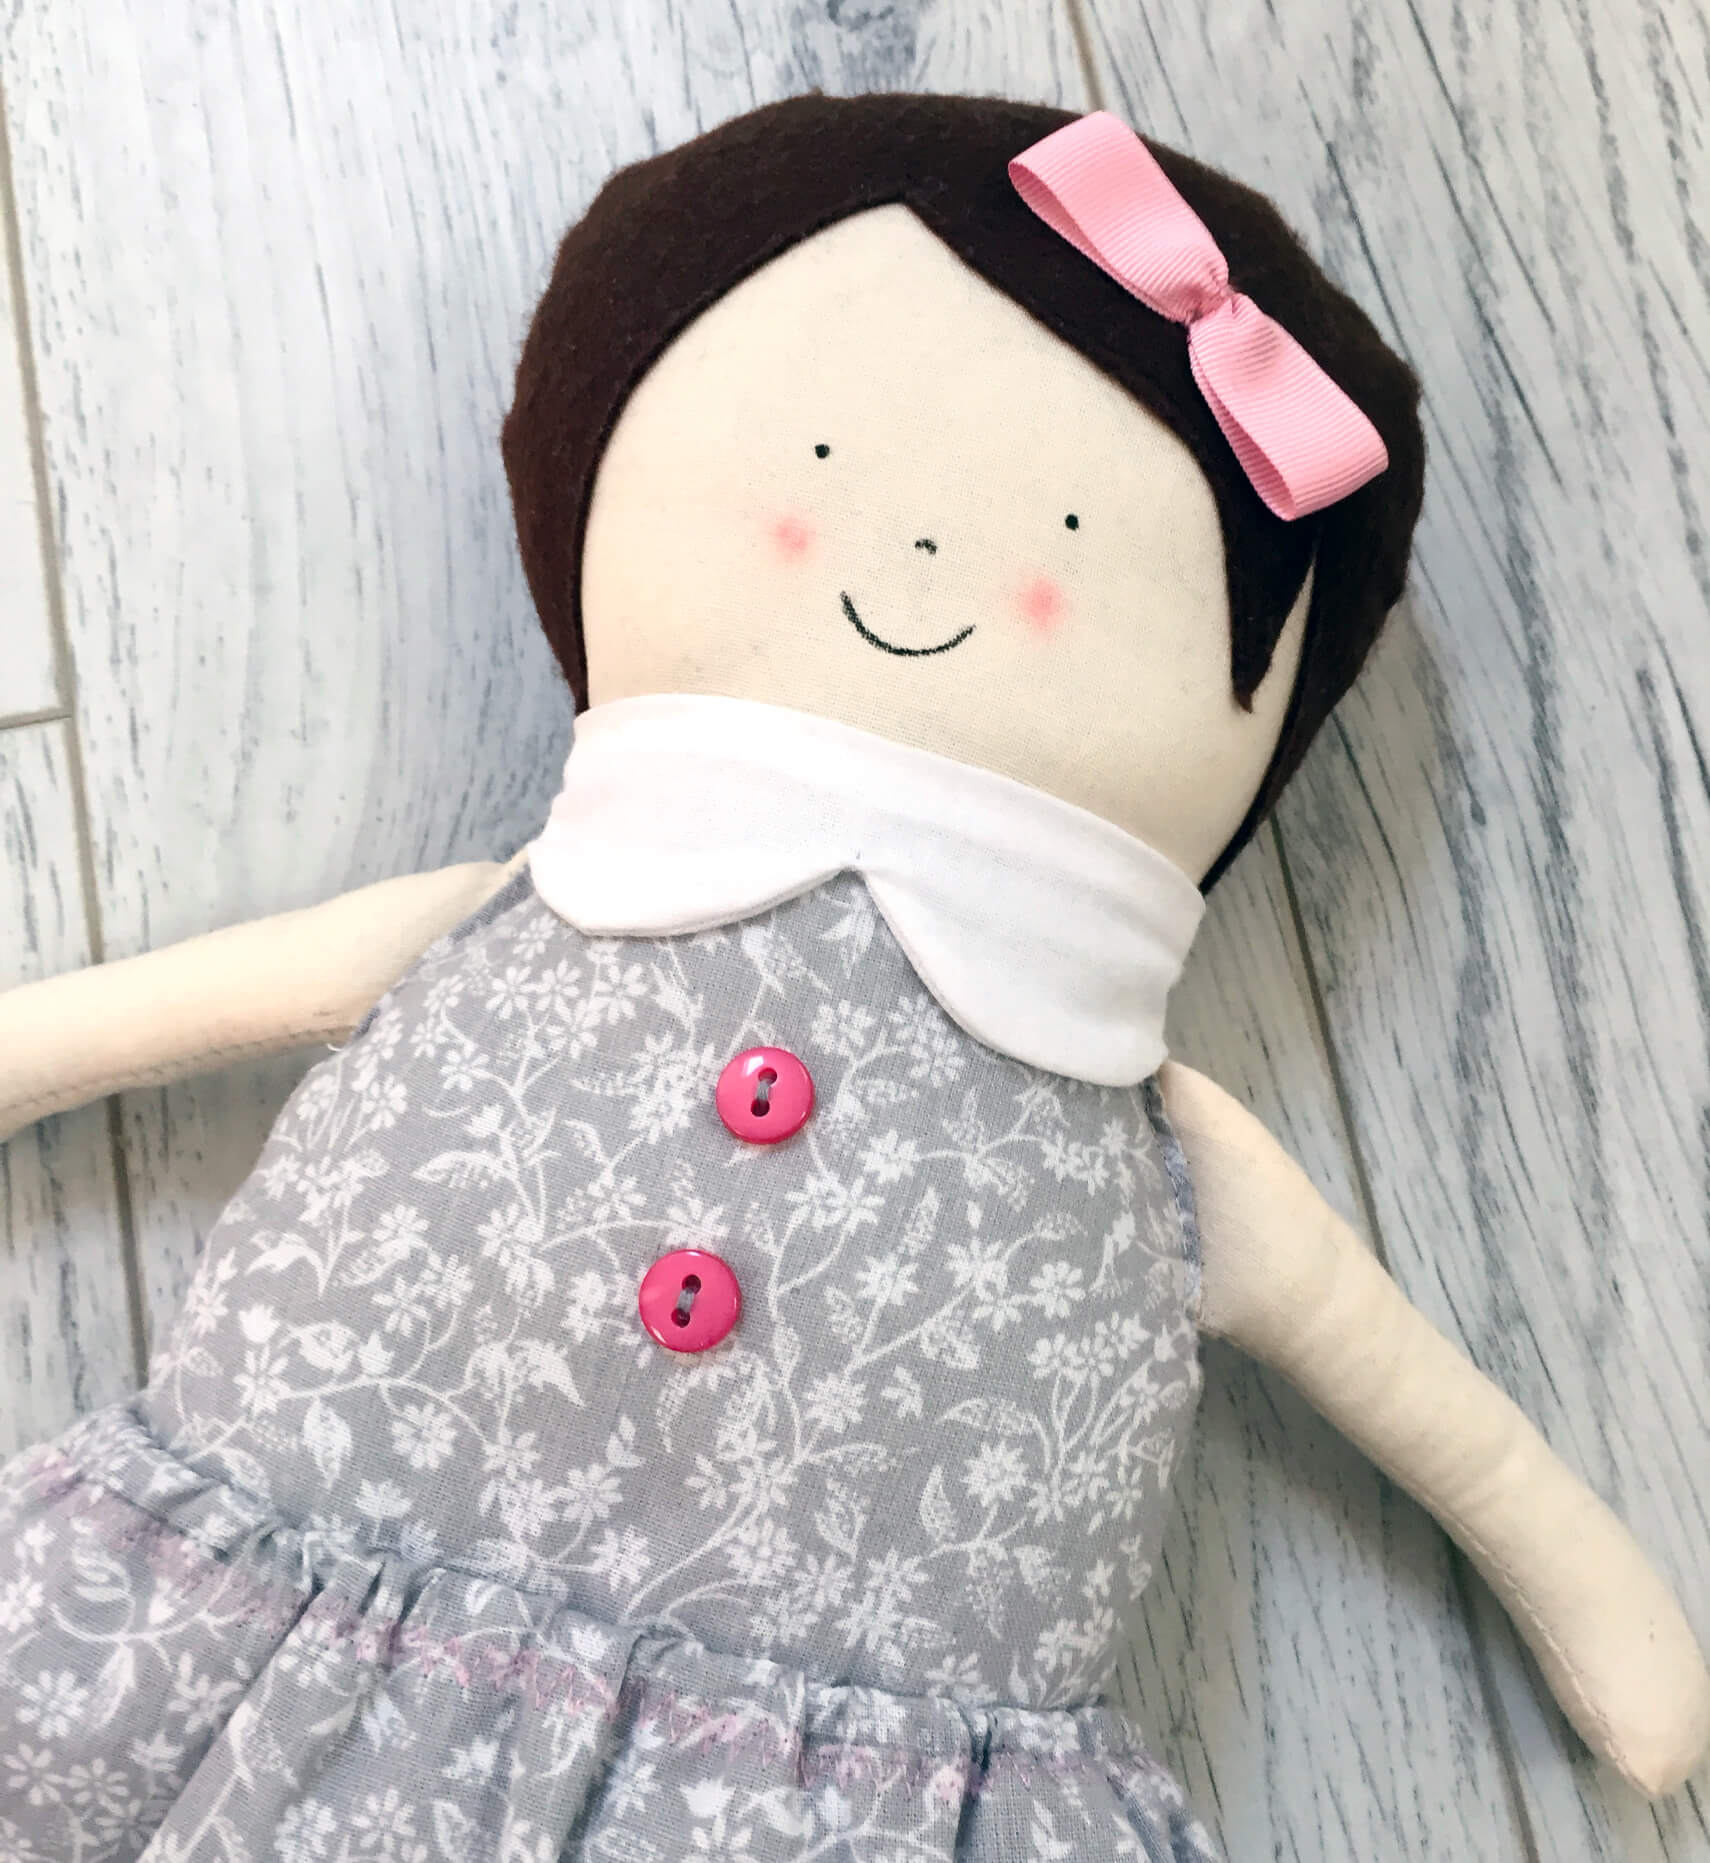 bambola-stoffa-cucita-a-mano